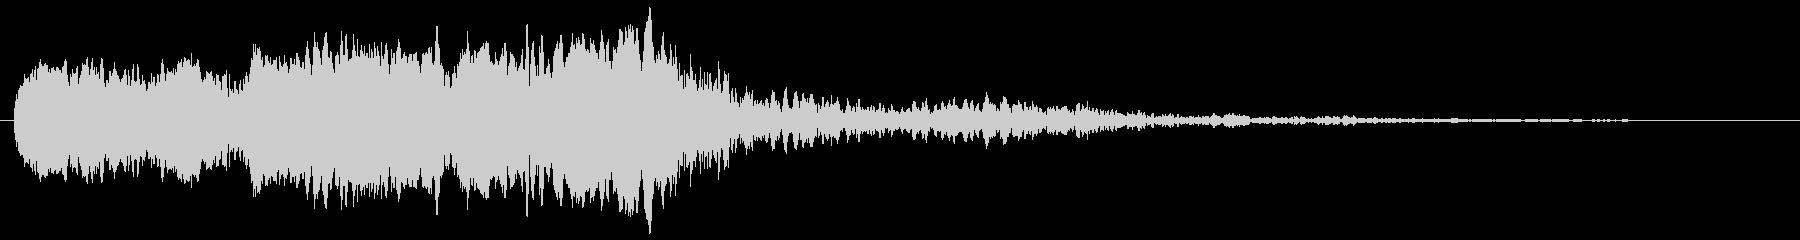 死界の叫び声・恐怖サウンド・危険な音源の未再生の波形